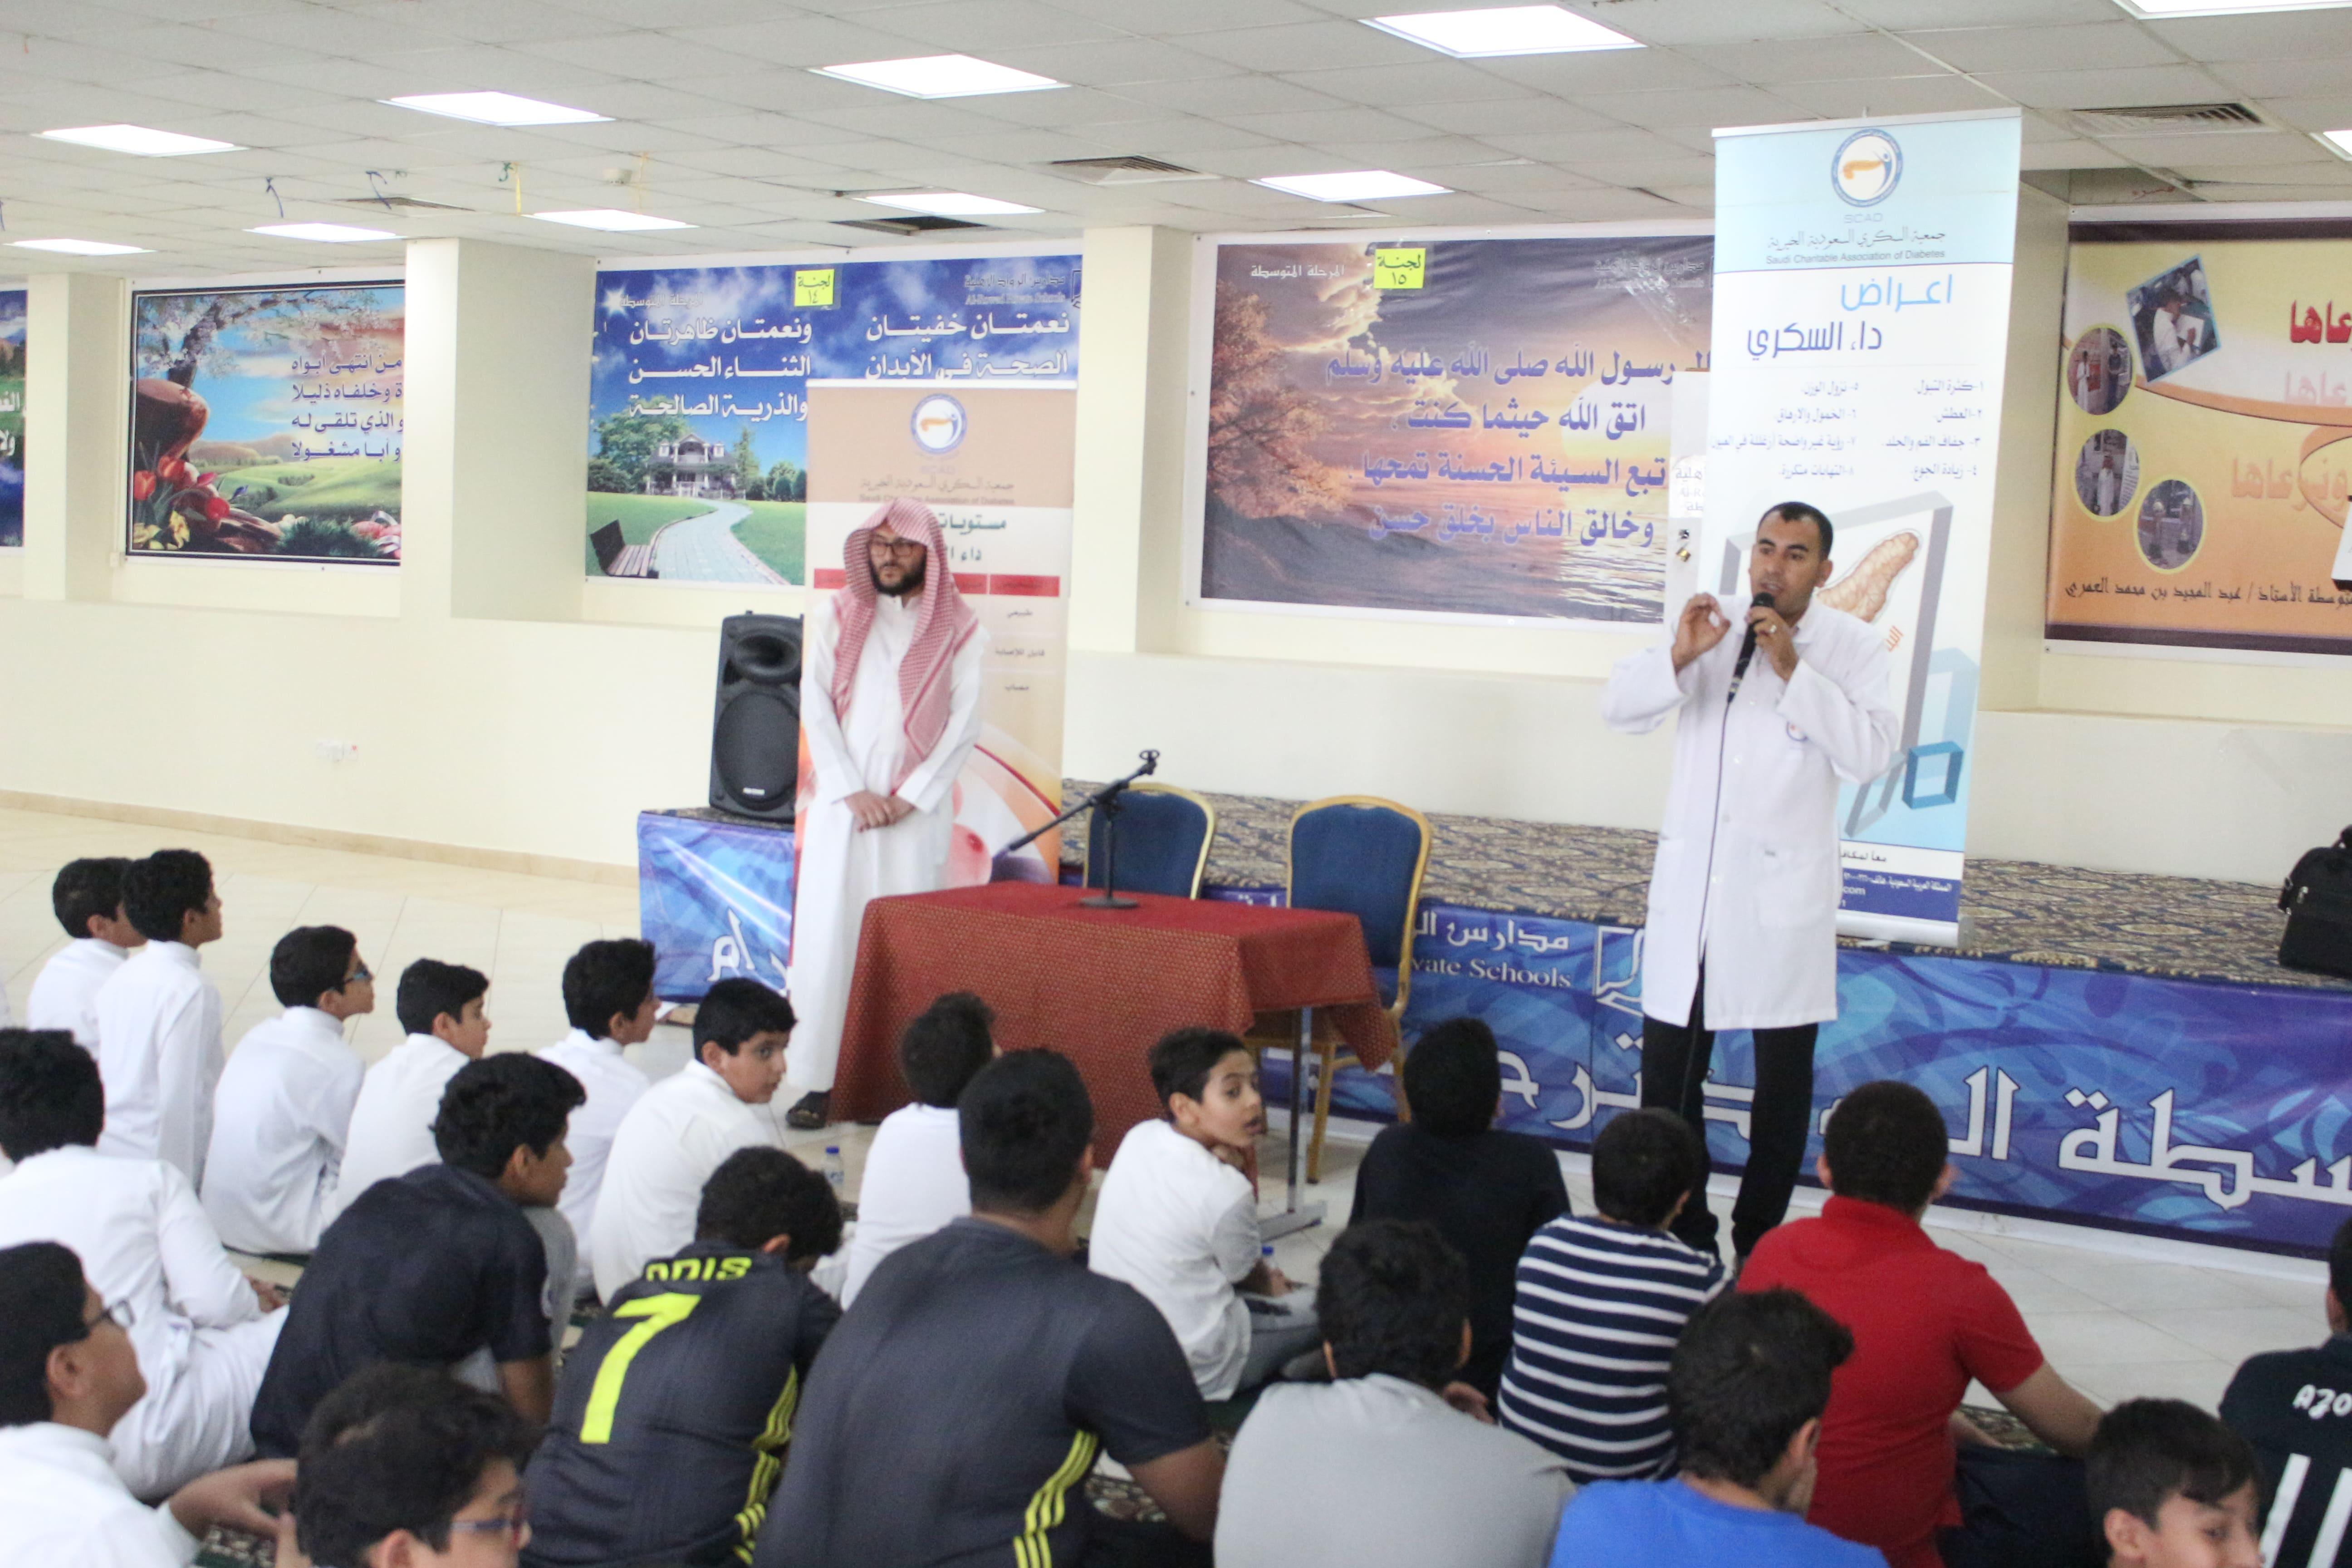 جمعية السكري السعودية الخيرية تقيم محاضرة توعوية